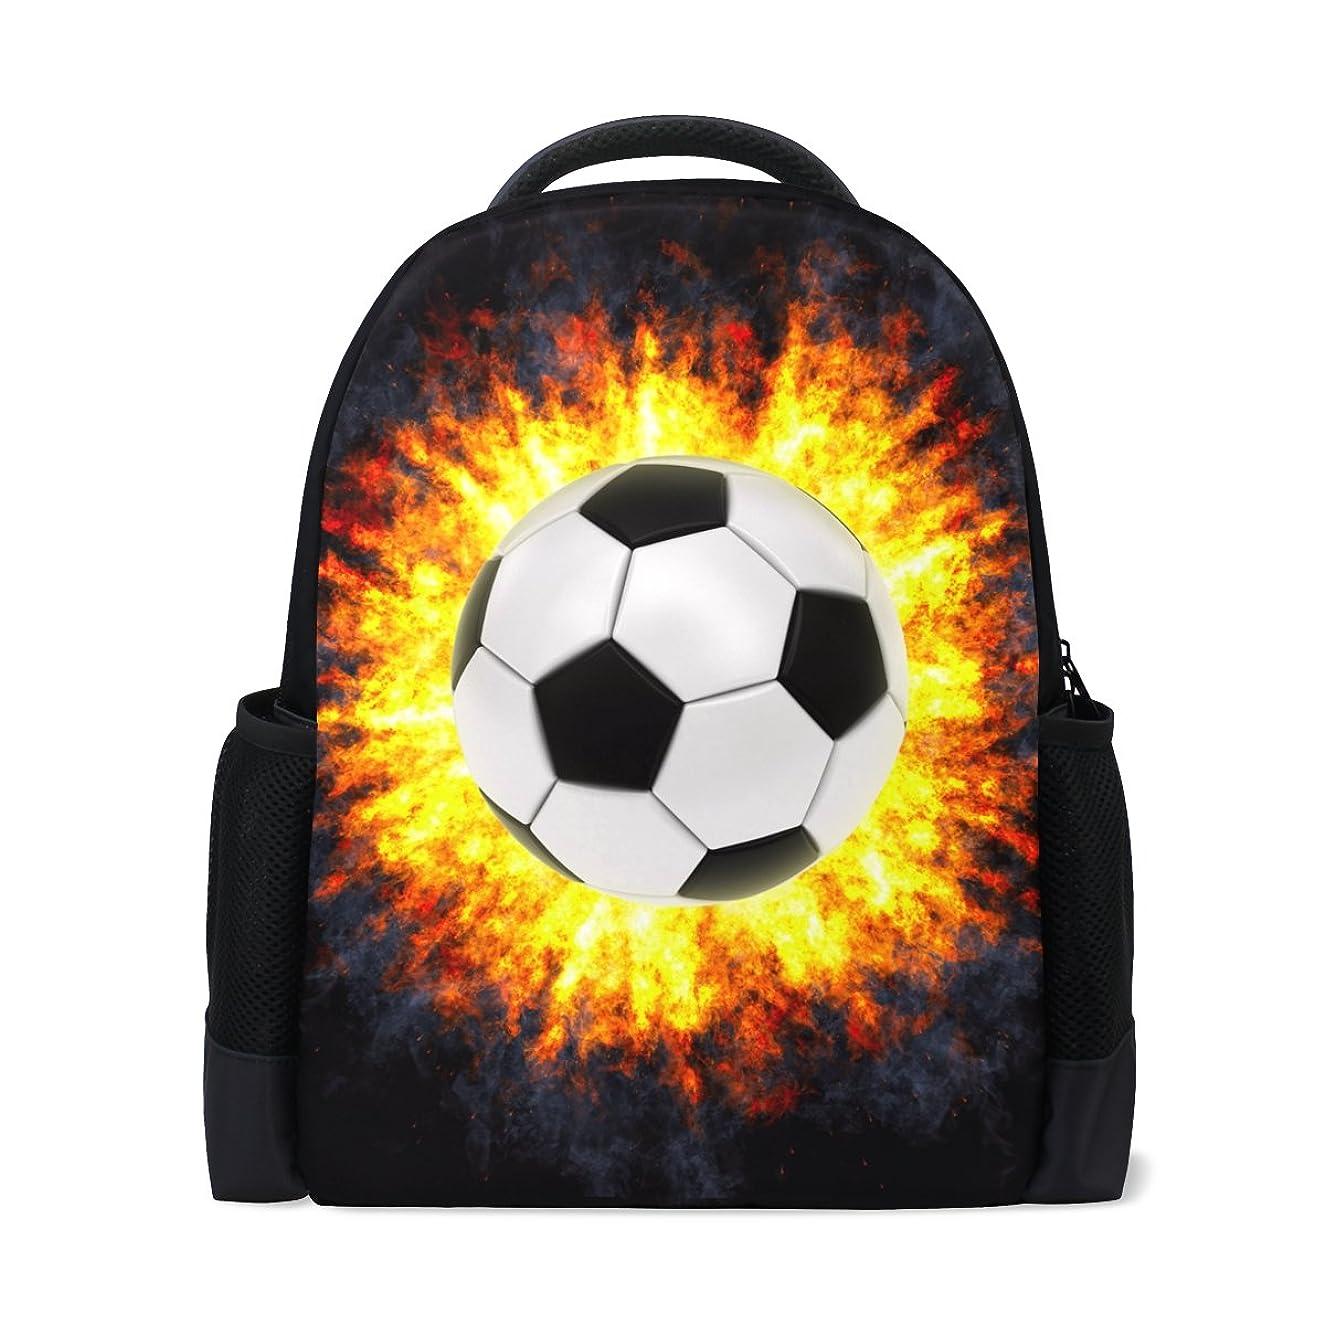 飼い慣らす傾向がある回復するマキク(MAKIKU) リュック 大容量 おしゃれ レディース 軽量 メンズ 通学 サッカー柄 ボール柄 ブラック 高校生 中学生 リュックサック プレゼント対応